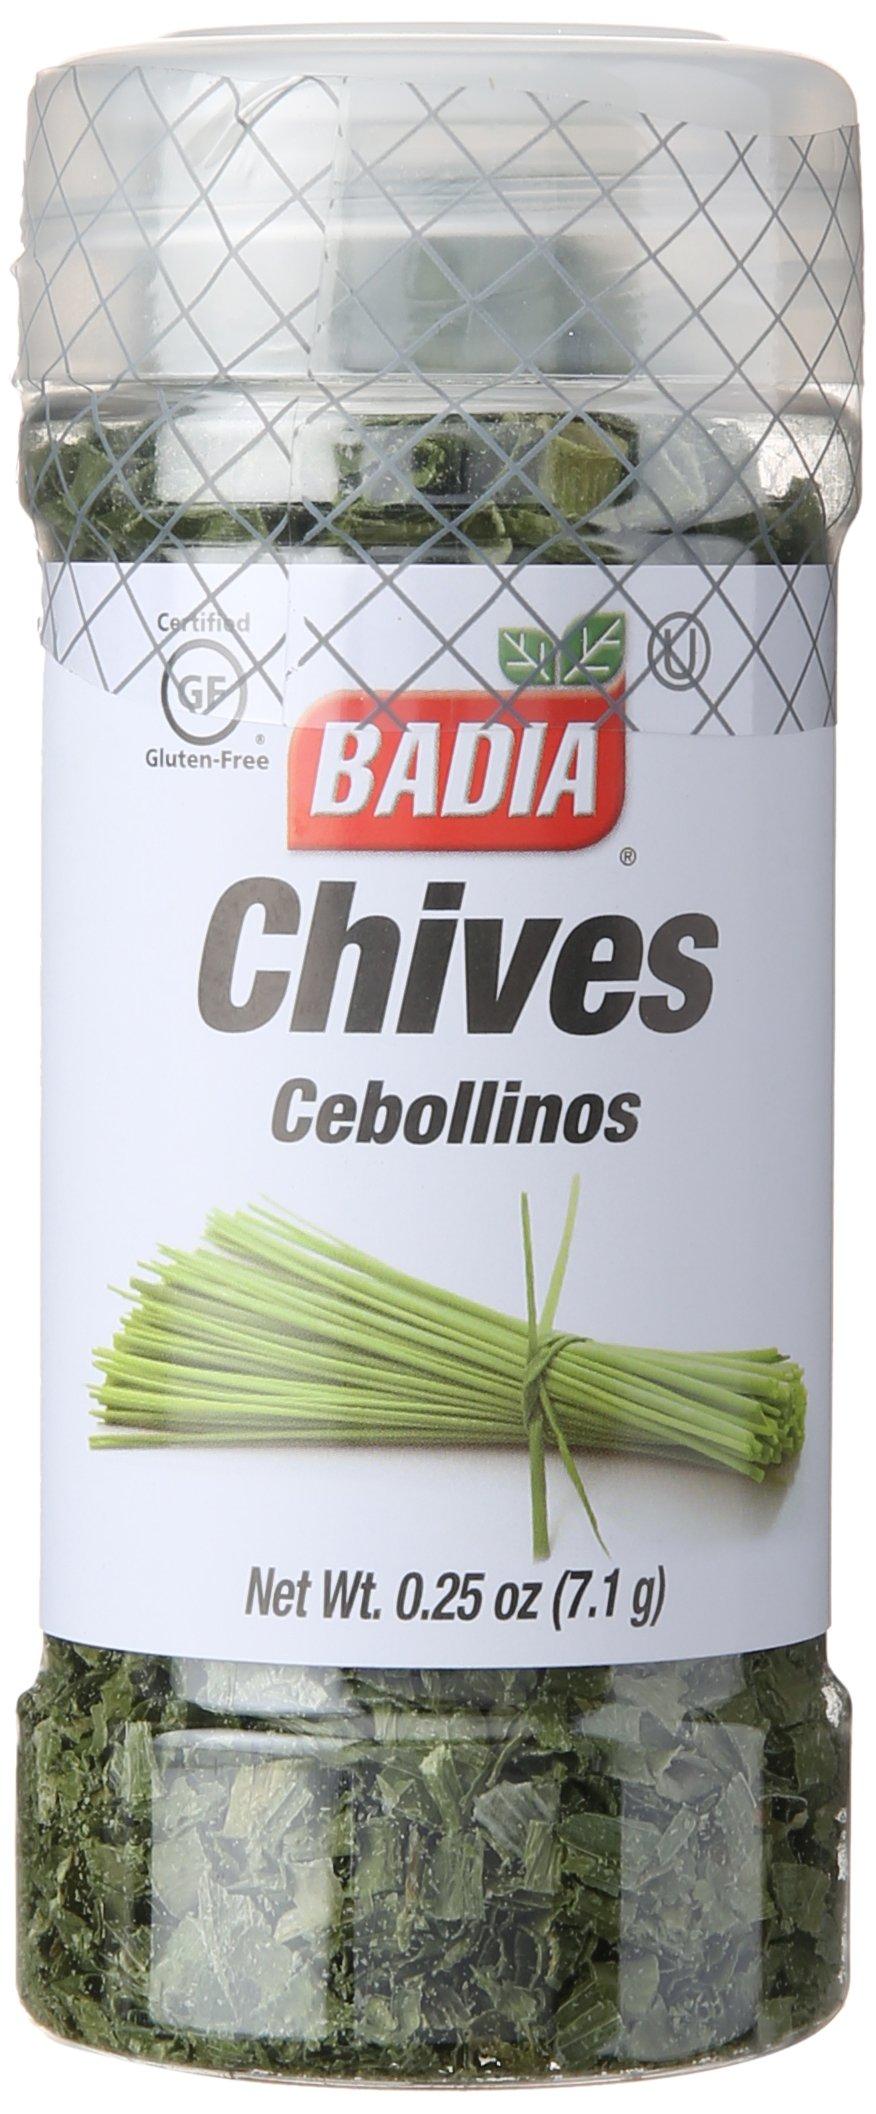 Badia Chives, 0.25 oz